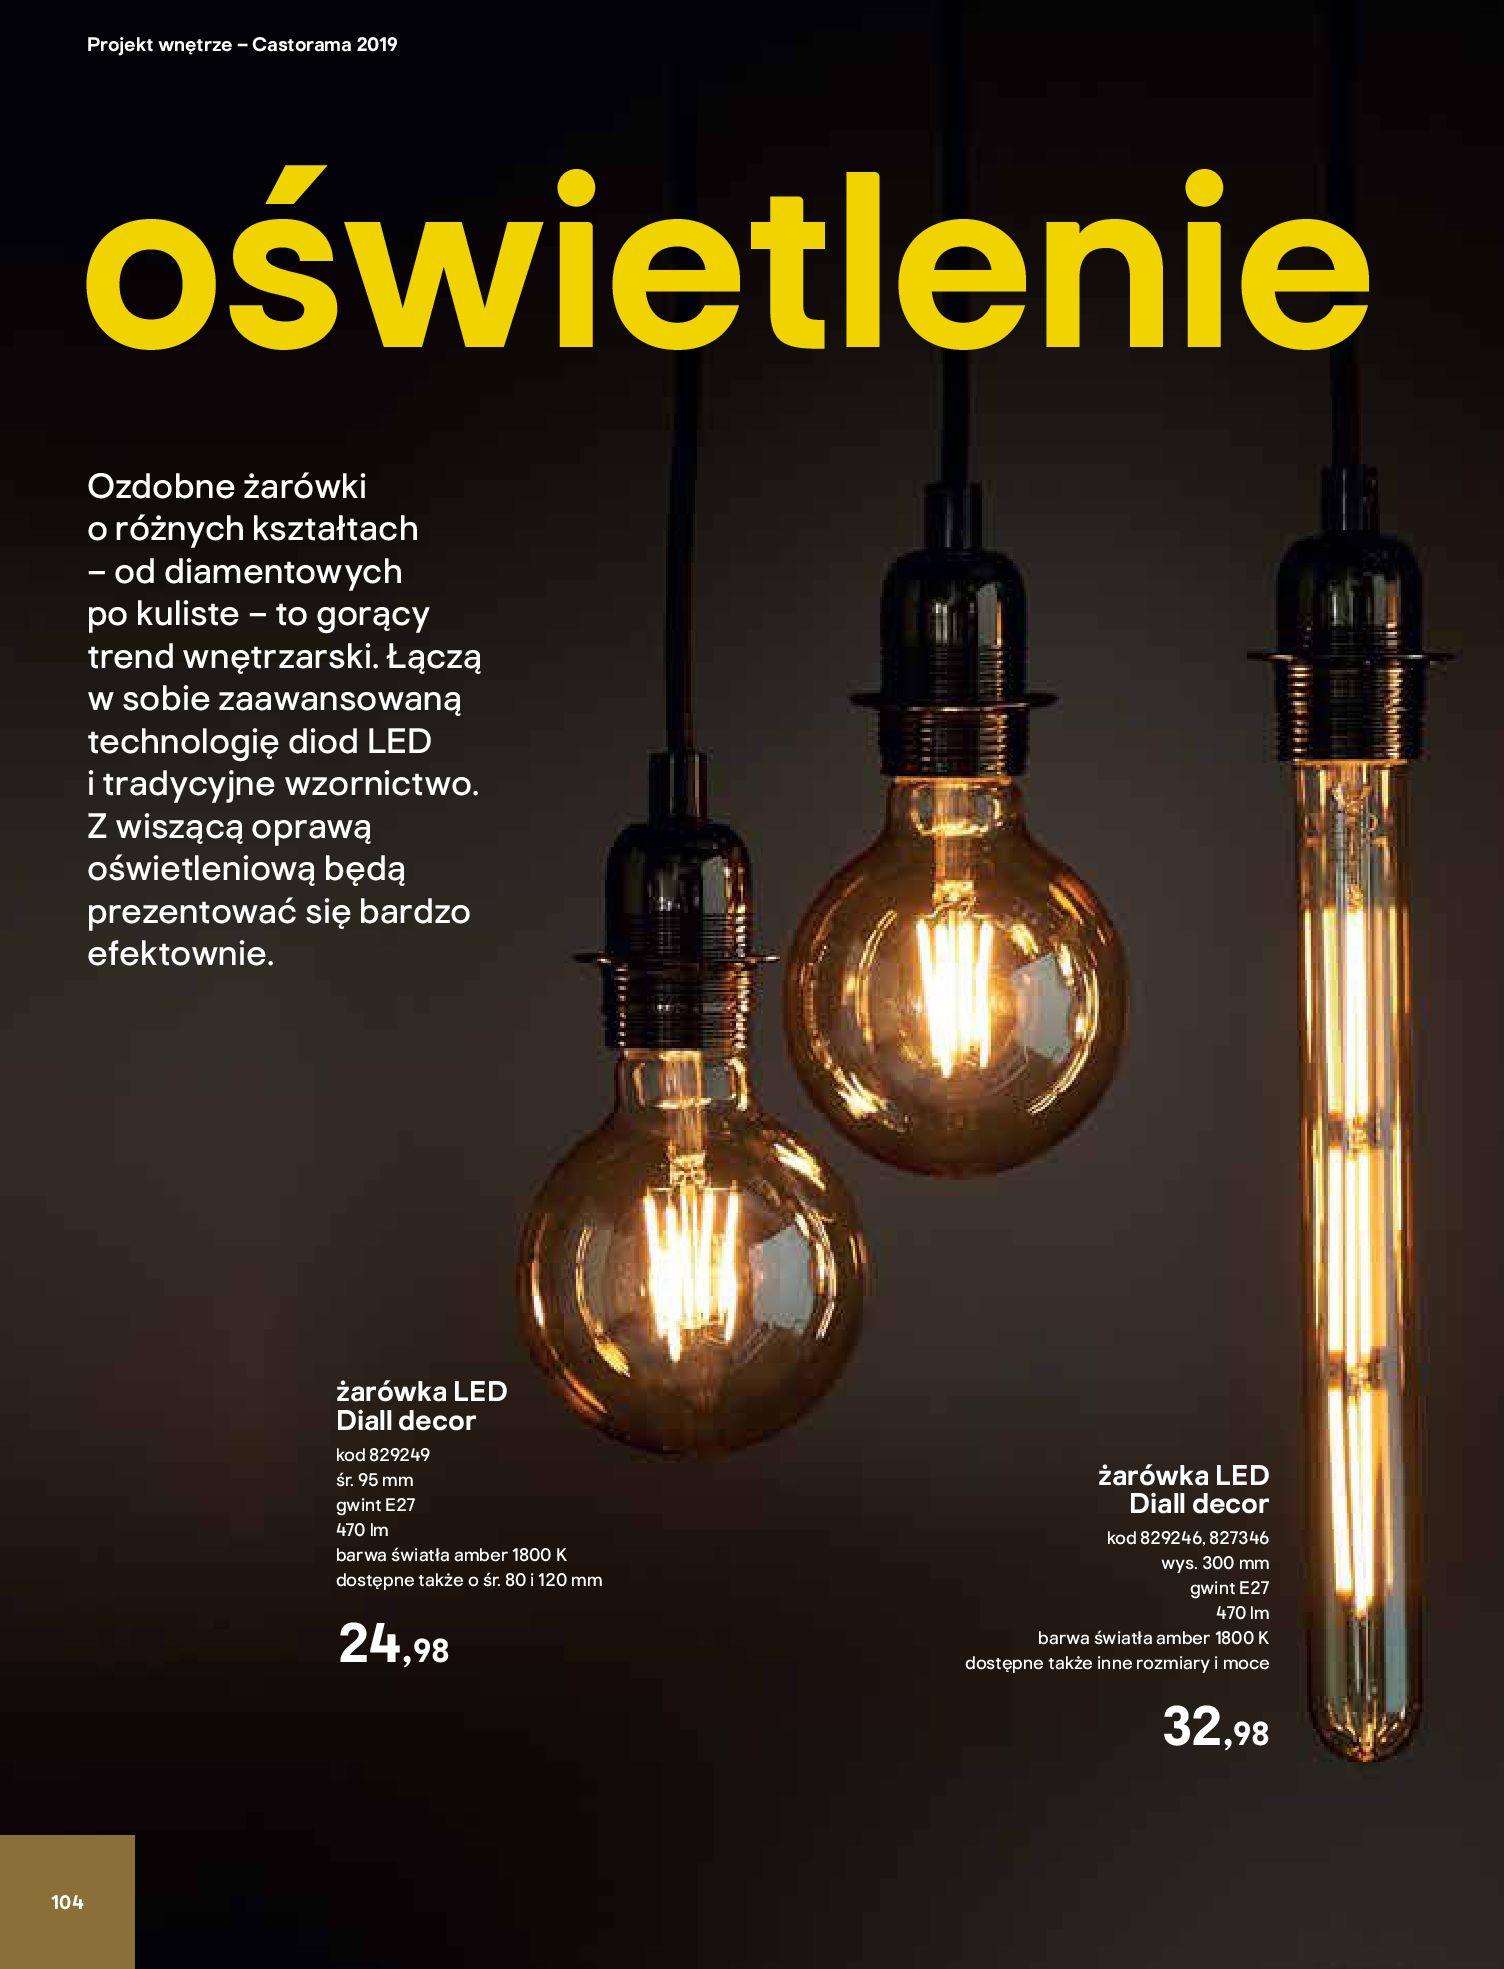 Gazetka Castorama - Katalog Projekt Wnętrze 2019-18.09.2019-31.12.2019-page-